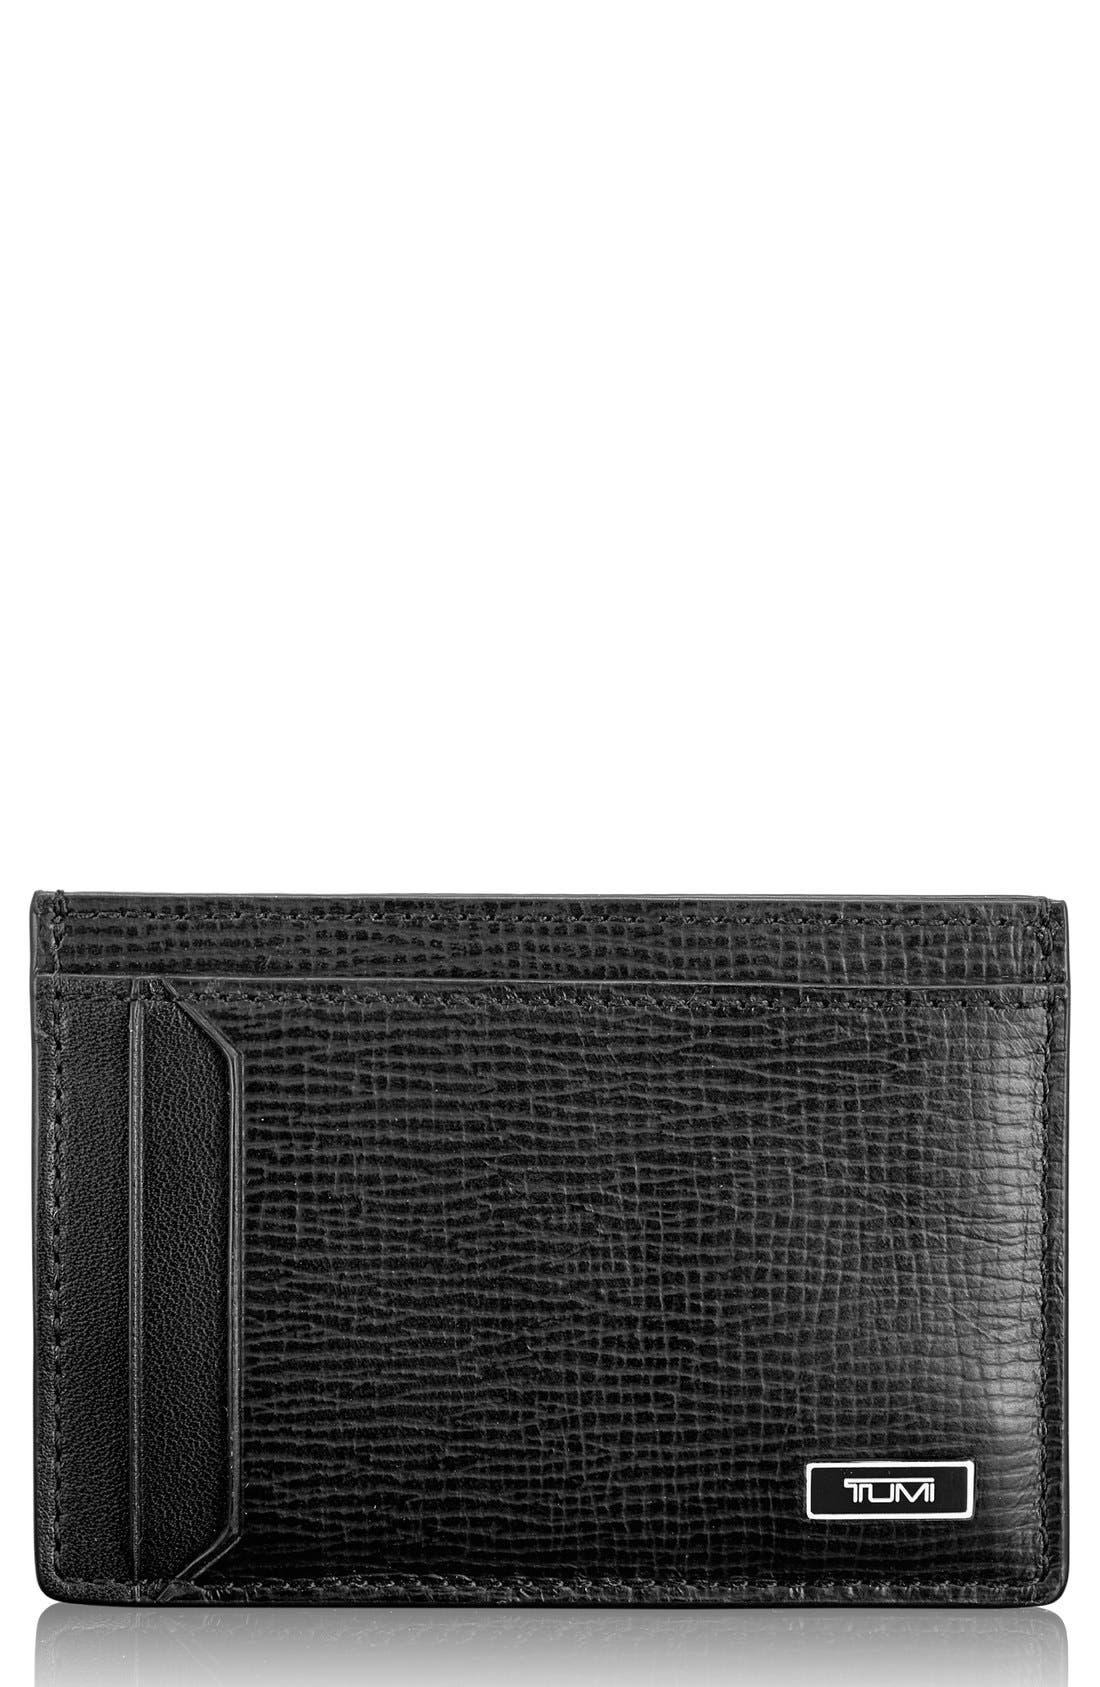 Tumi 'Monaco' Leather Money Clip Card Case